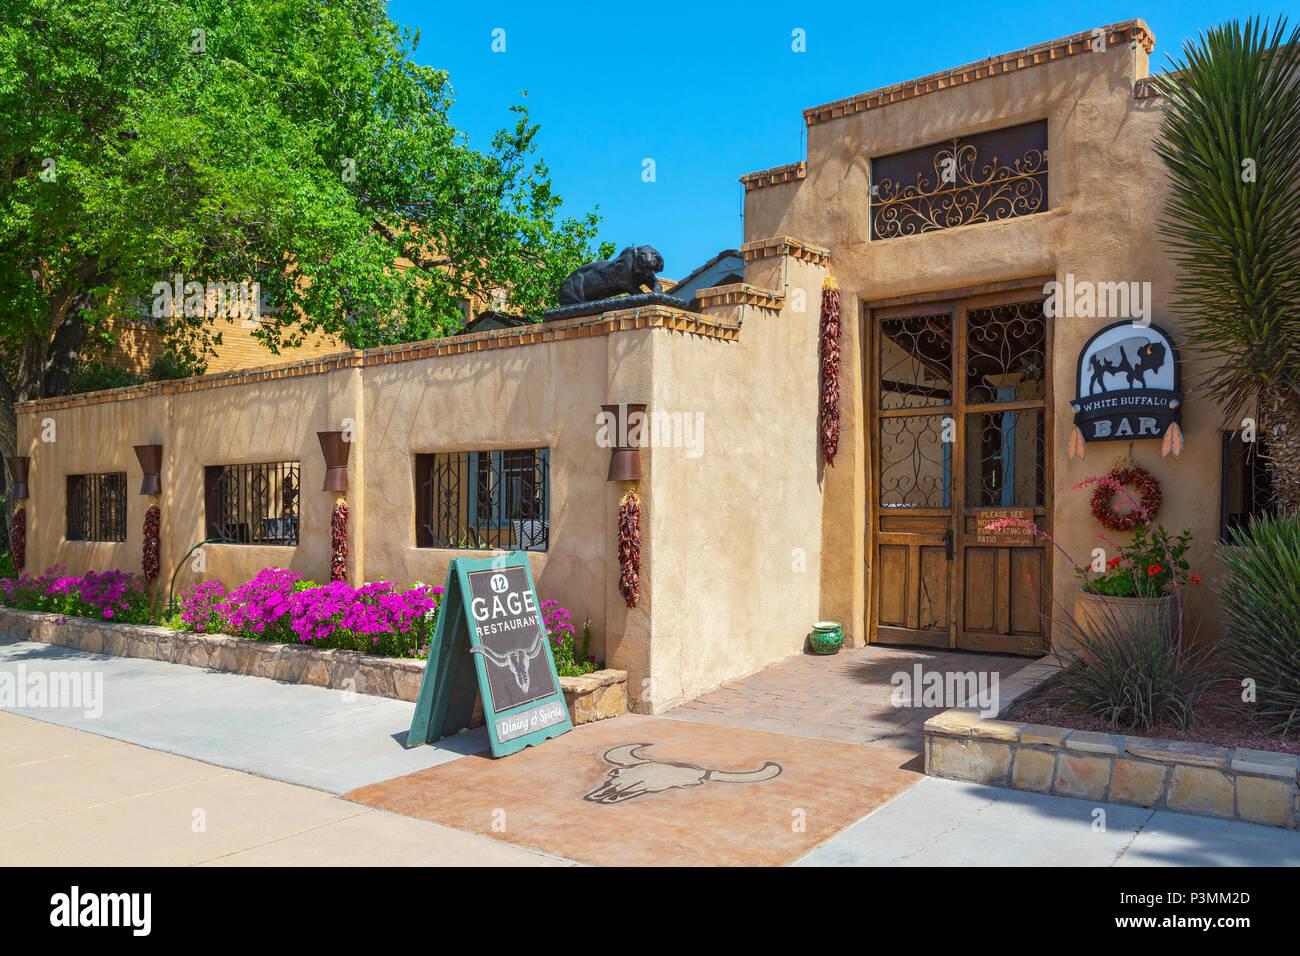 Texas, Contea di Brewster, maratona, Gage Hotel, 12 Gage ristorante, White Buffalo Bar Immagini Stock